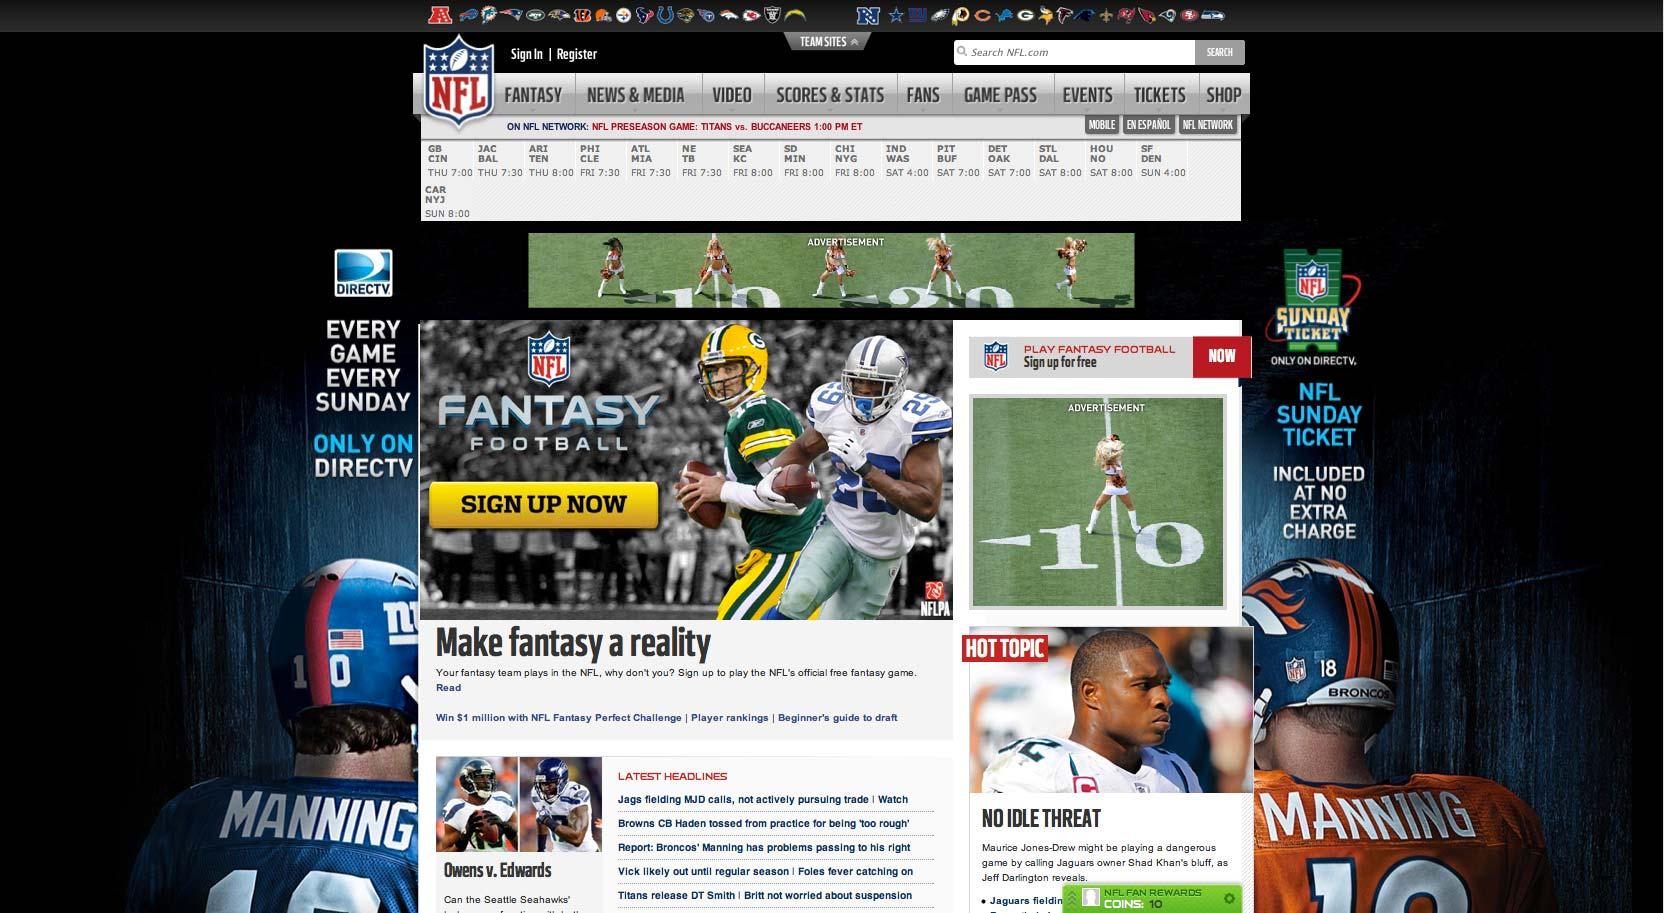 nfl.com.jpg